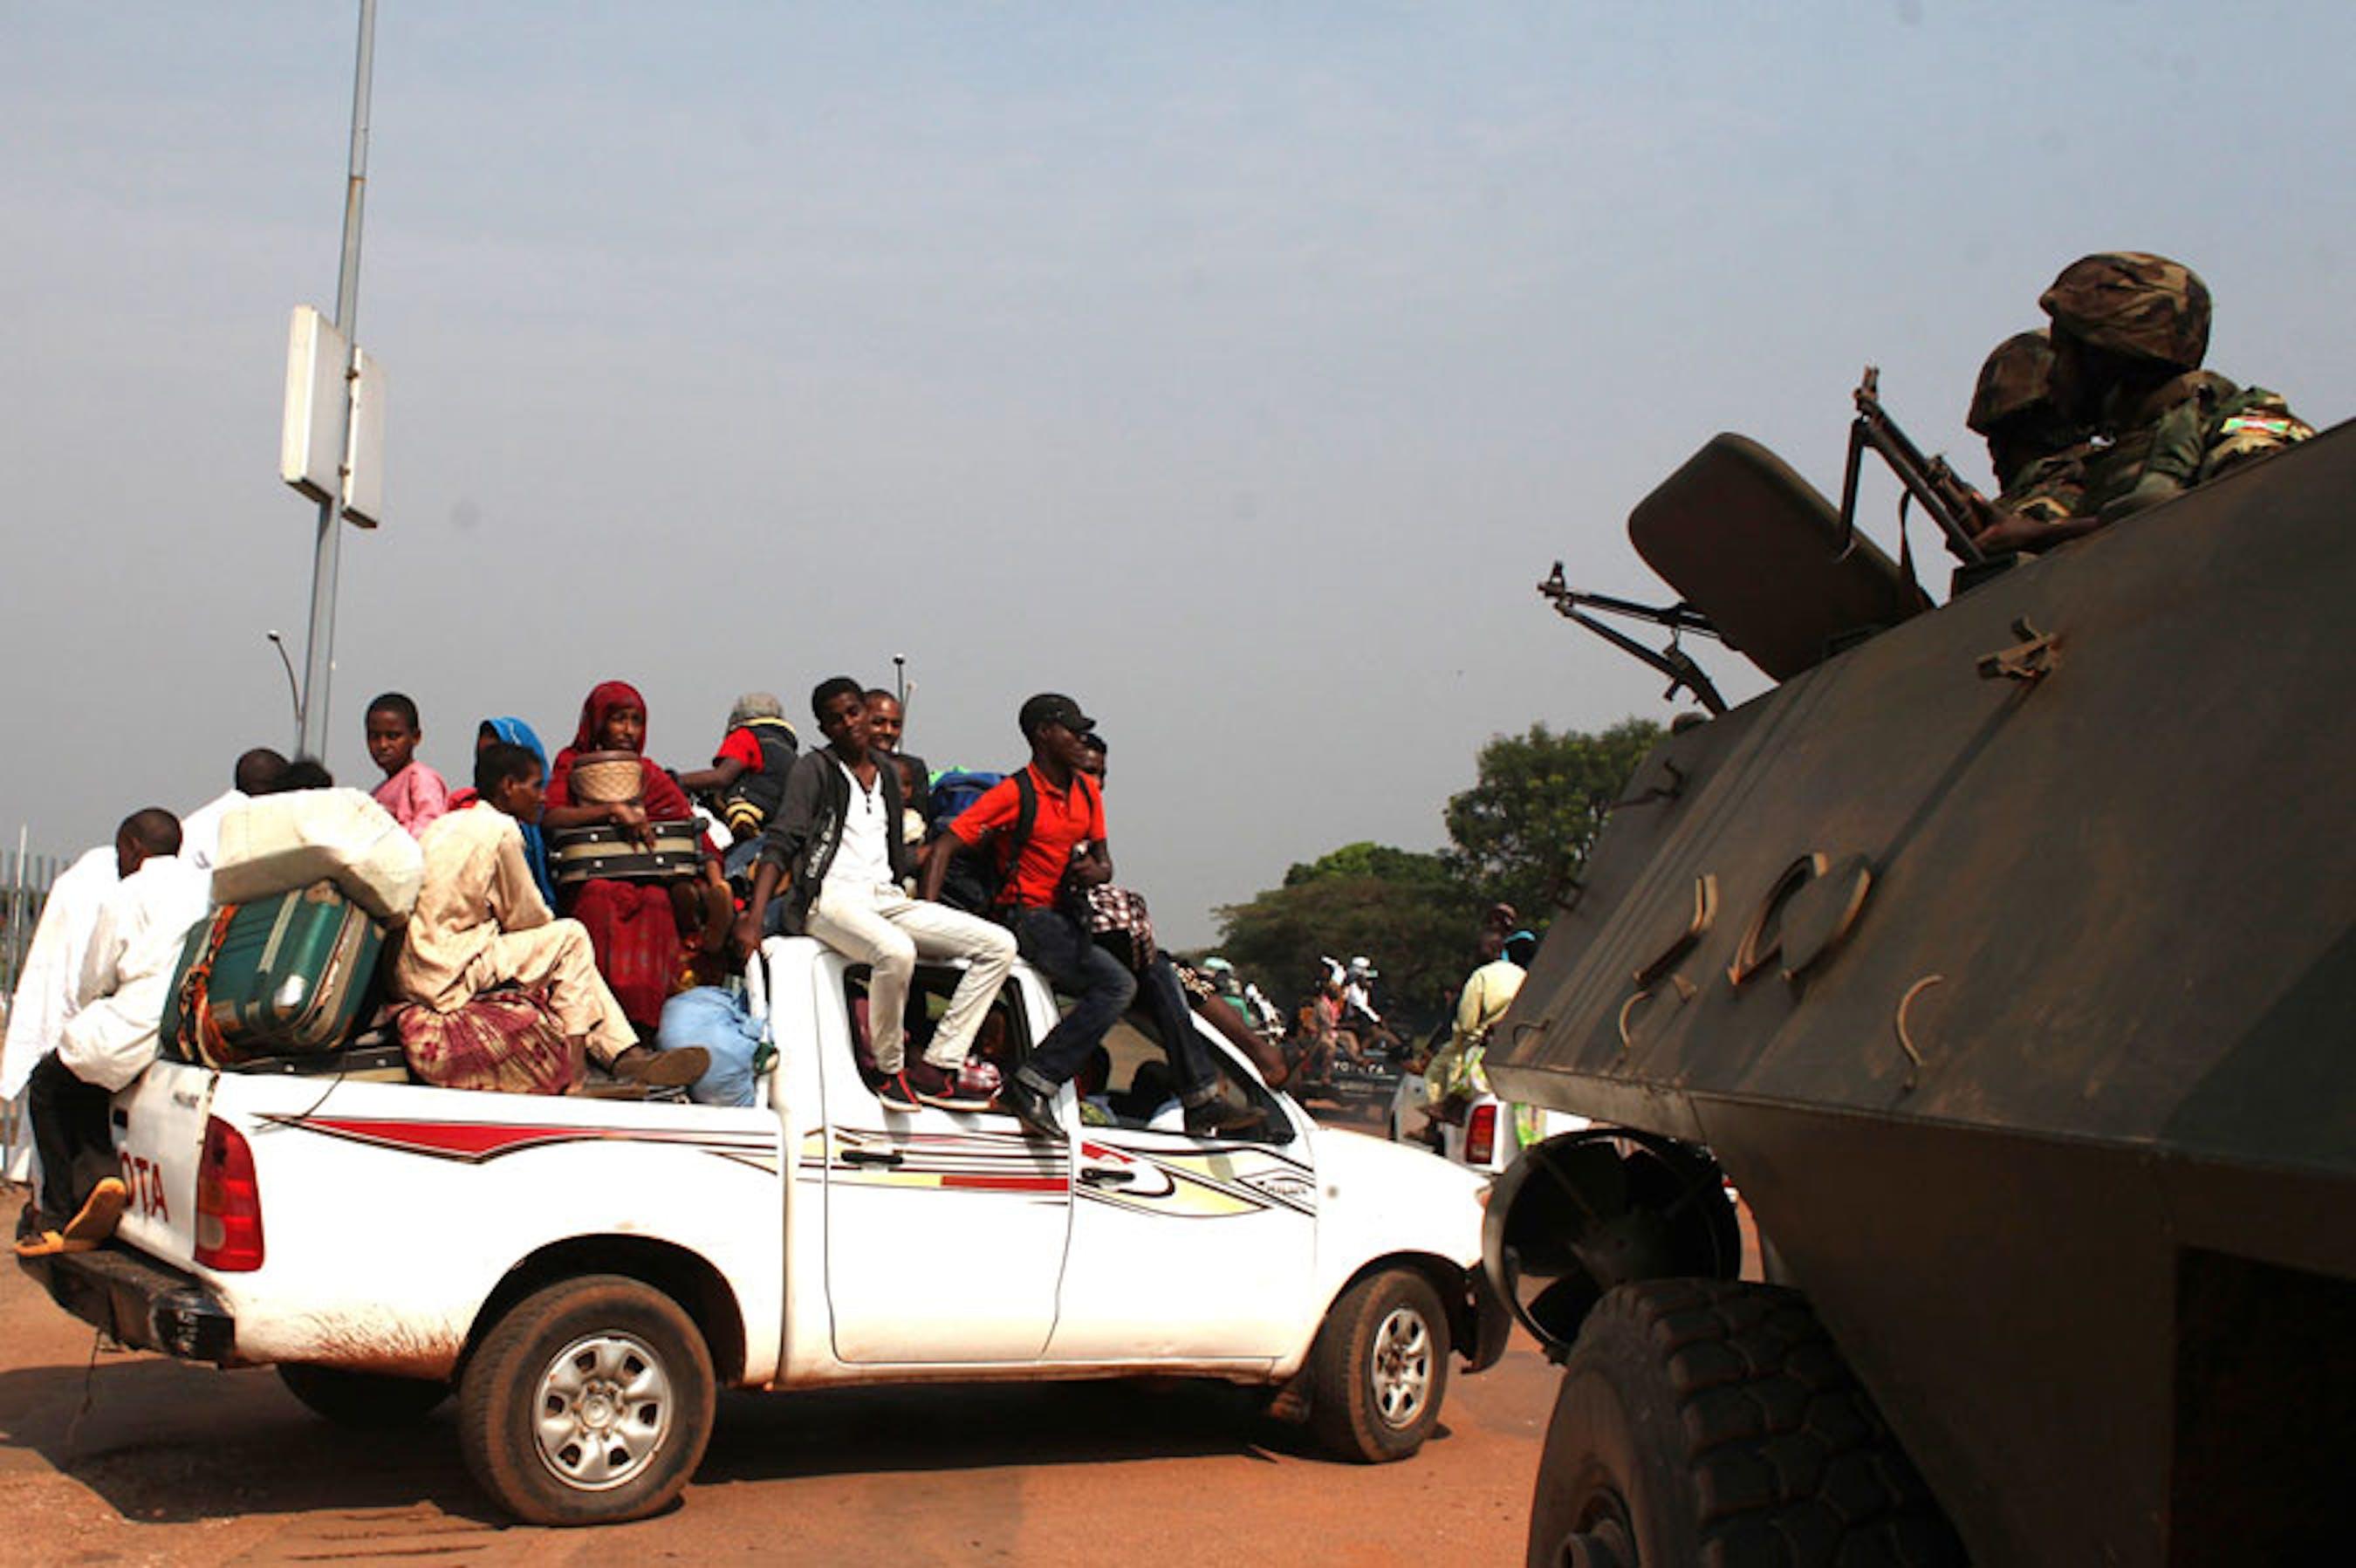 Civili in fuga nei pressi dell'aeroporto di Bangui (Repubblica Centrafricana) - ©Reuters/Andreea Campeanu